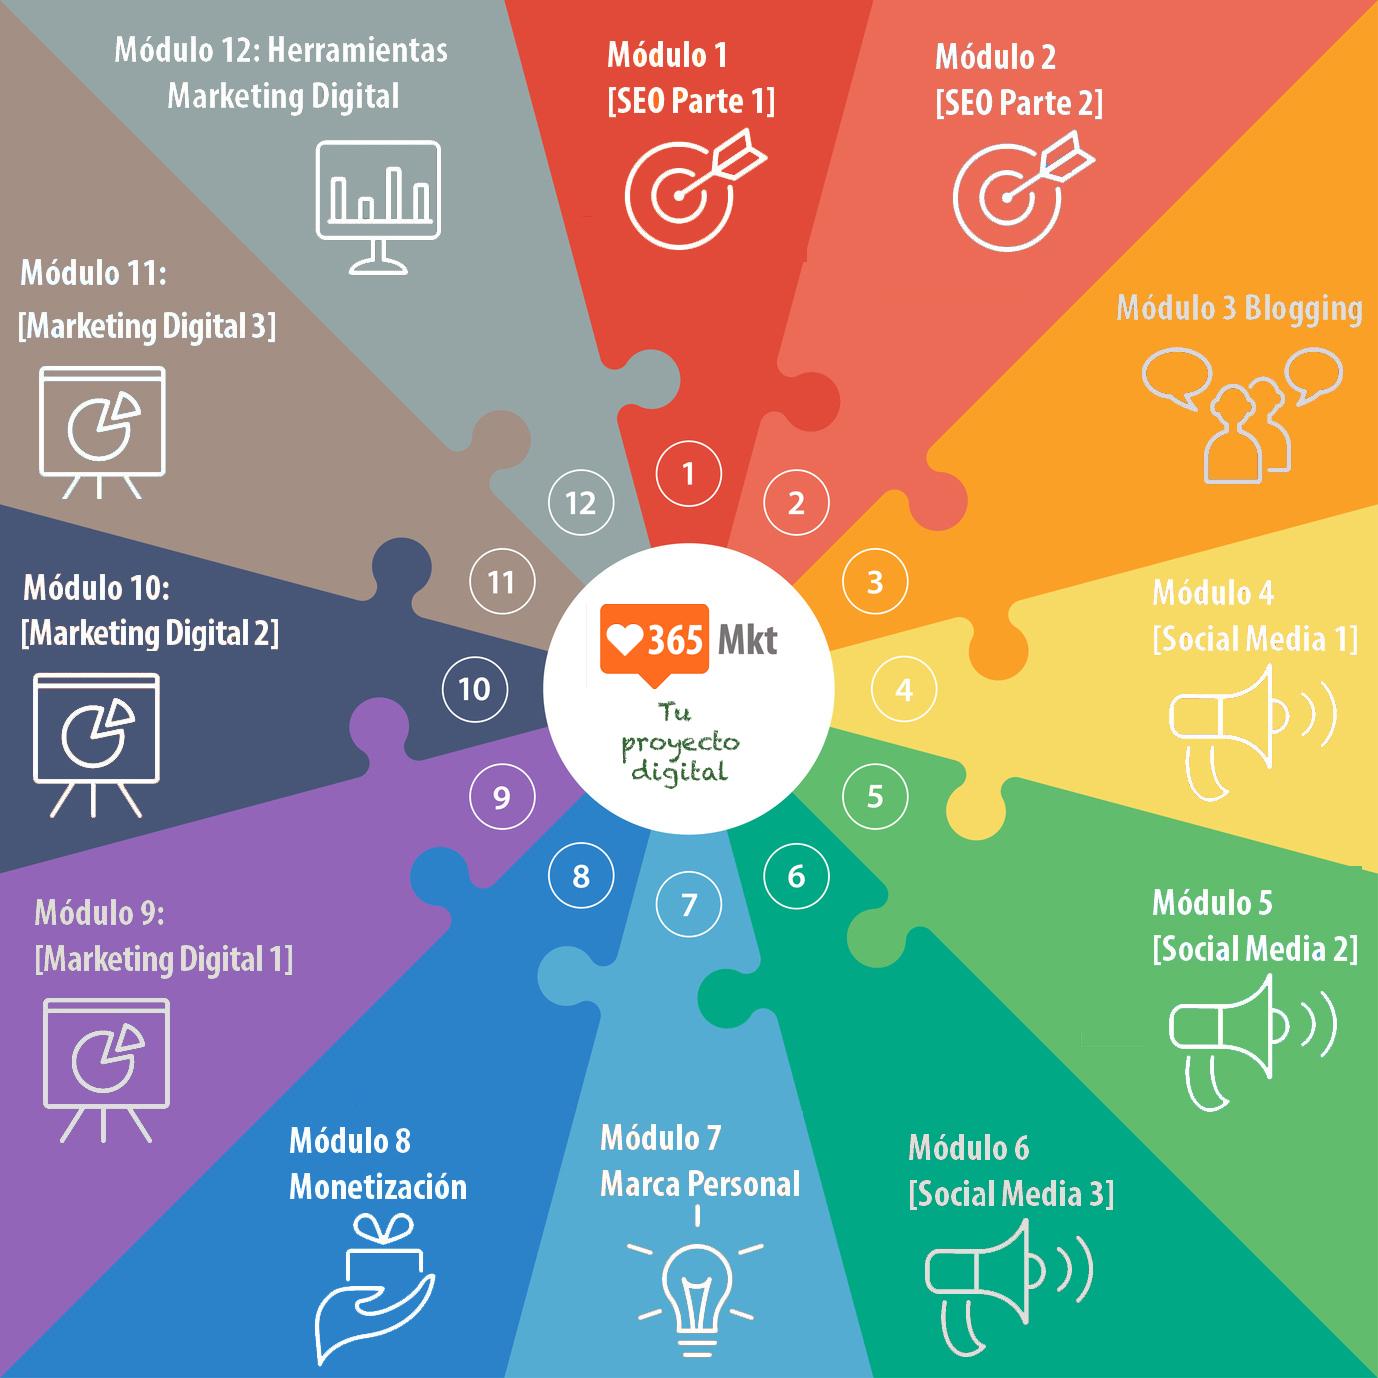 Rueda de los módulos del curso de Mkt 365 organizado por Miguel Florido